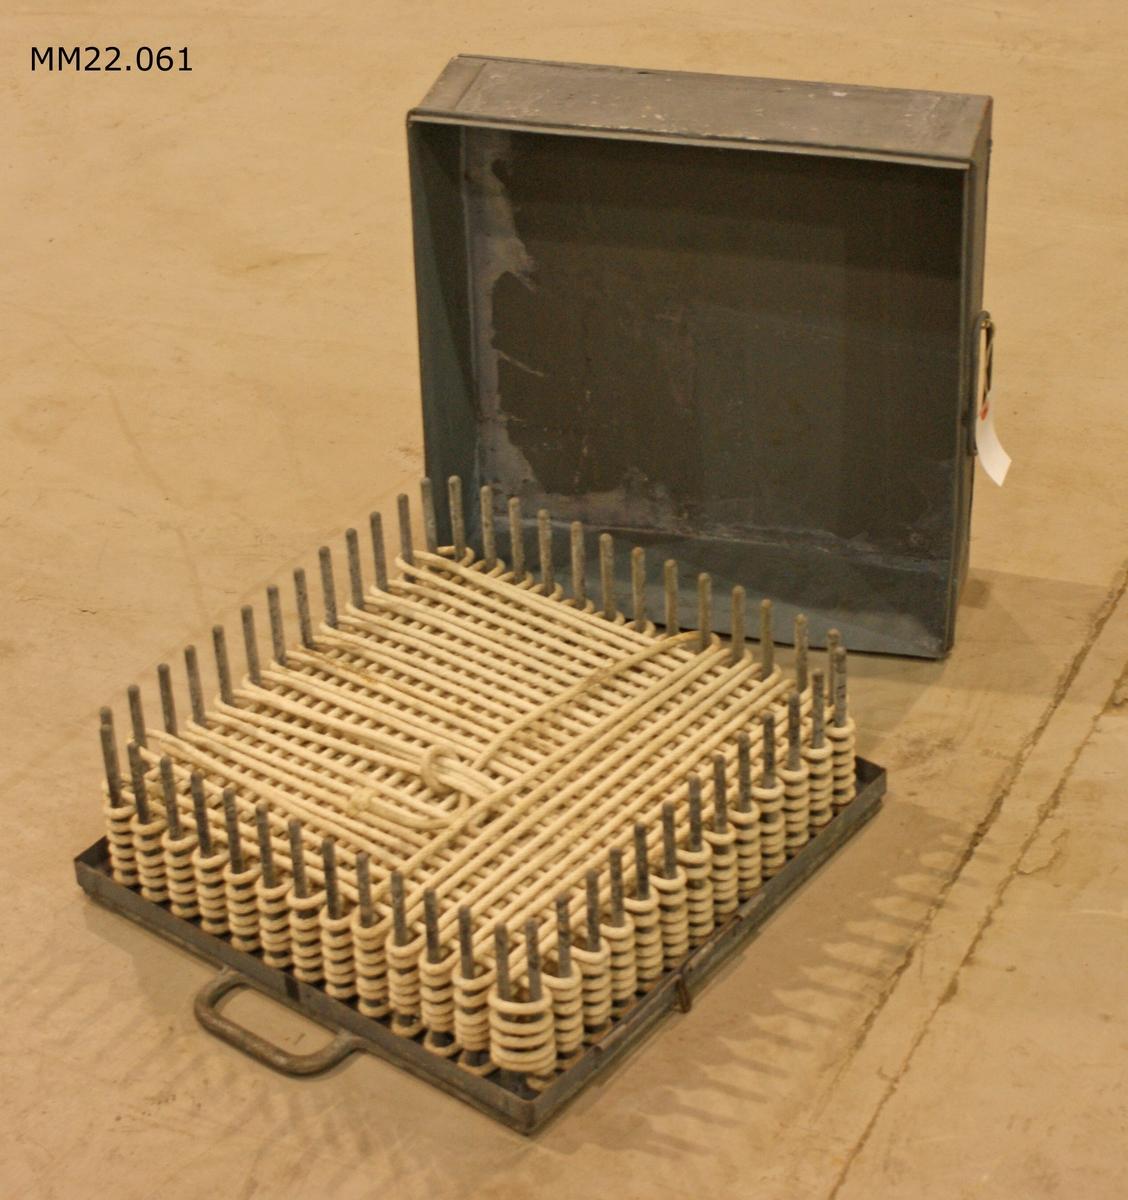 Raketlina i låda av metall. Linan är lindad runt 52 stycken tappar som är placerade i rad runt hela lådan. Lindningen är lagd korsvis i olika plan. Används till linpistol. Dimensioner avser lådan.